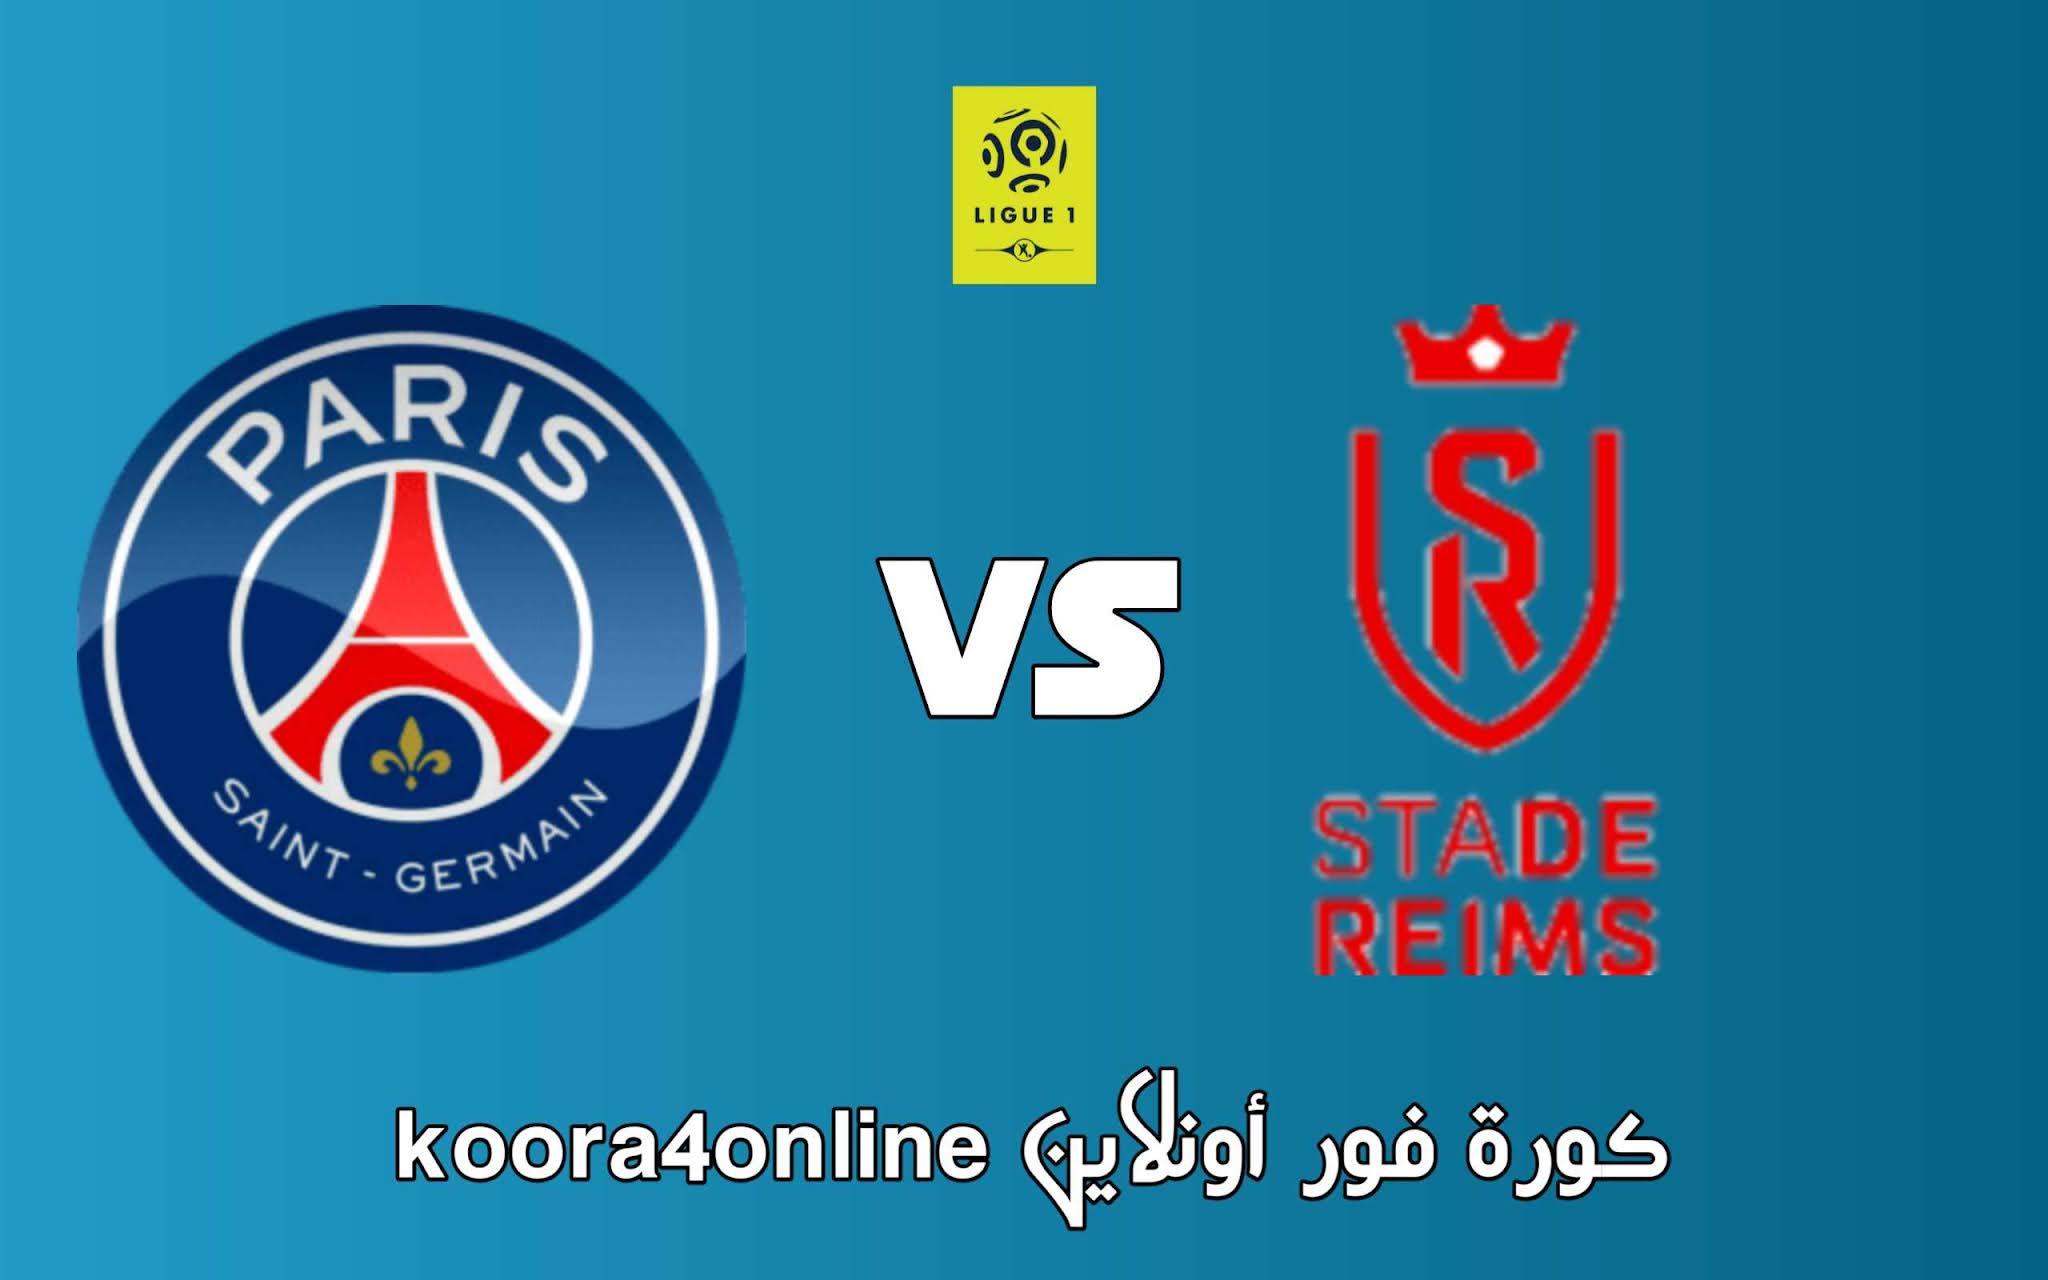 مشاهدة مباراة باريس سان جيرمان و ريمس اليوم 29-08-2021 في الدوري الفرنسي